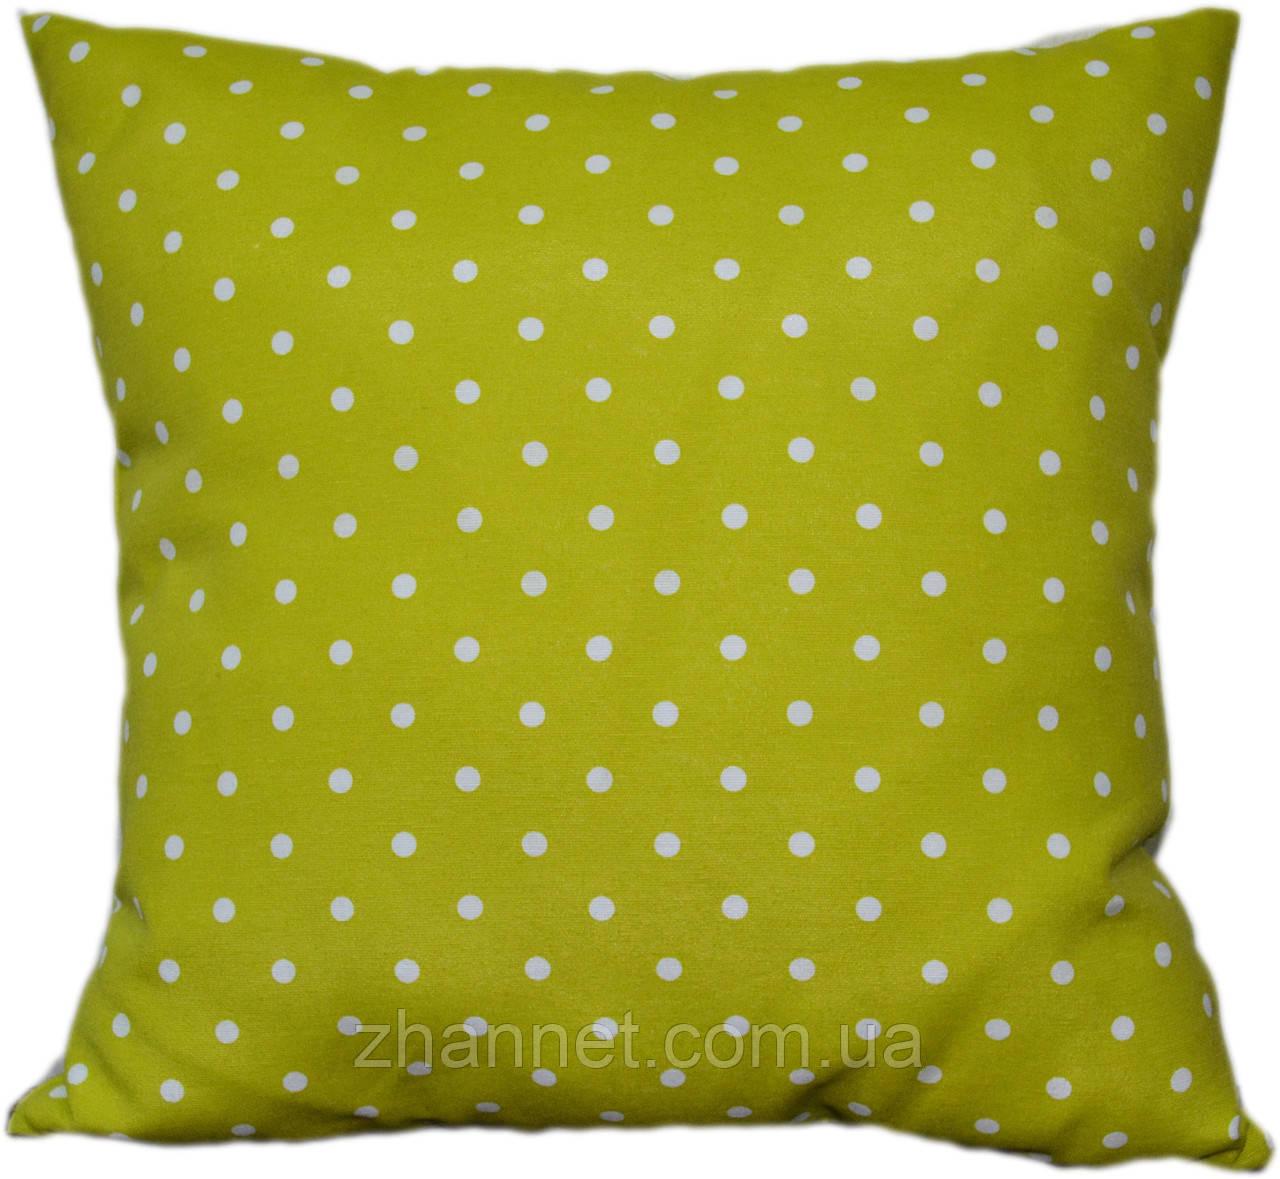 Декоративная подушка  Горох оливка